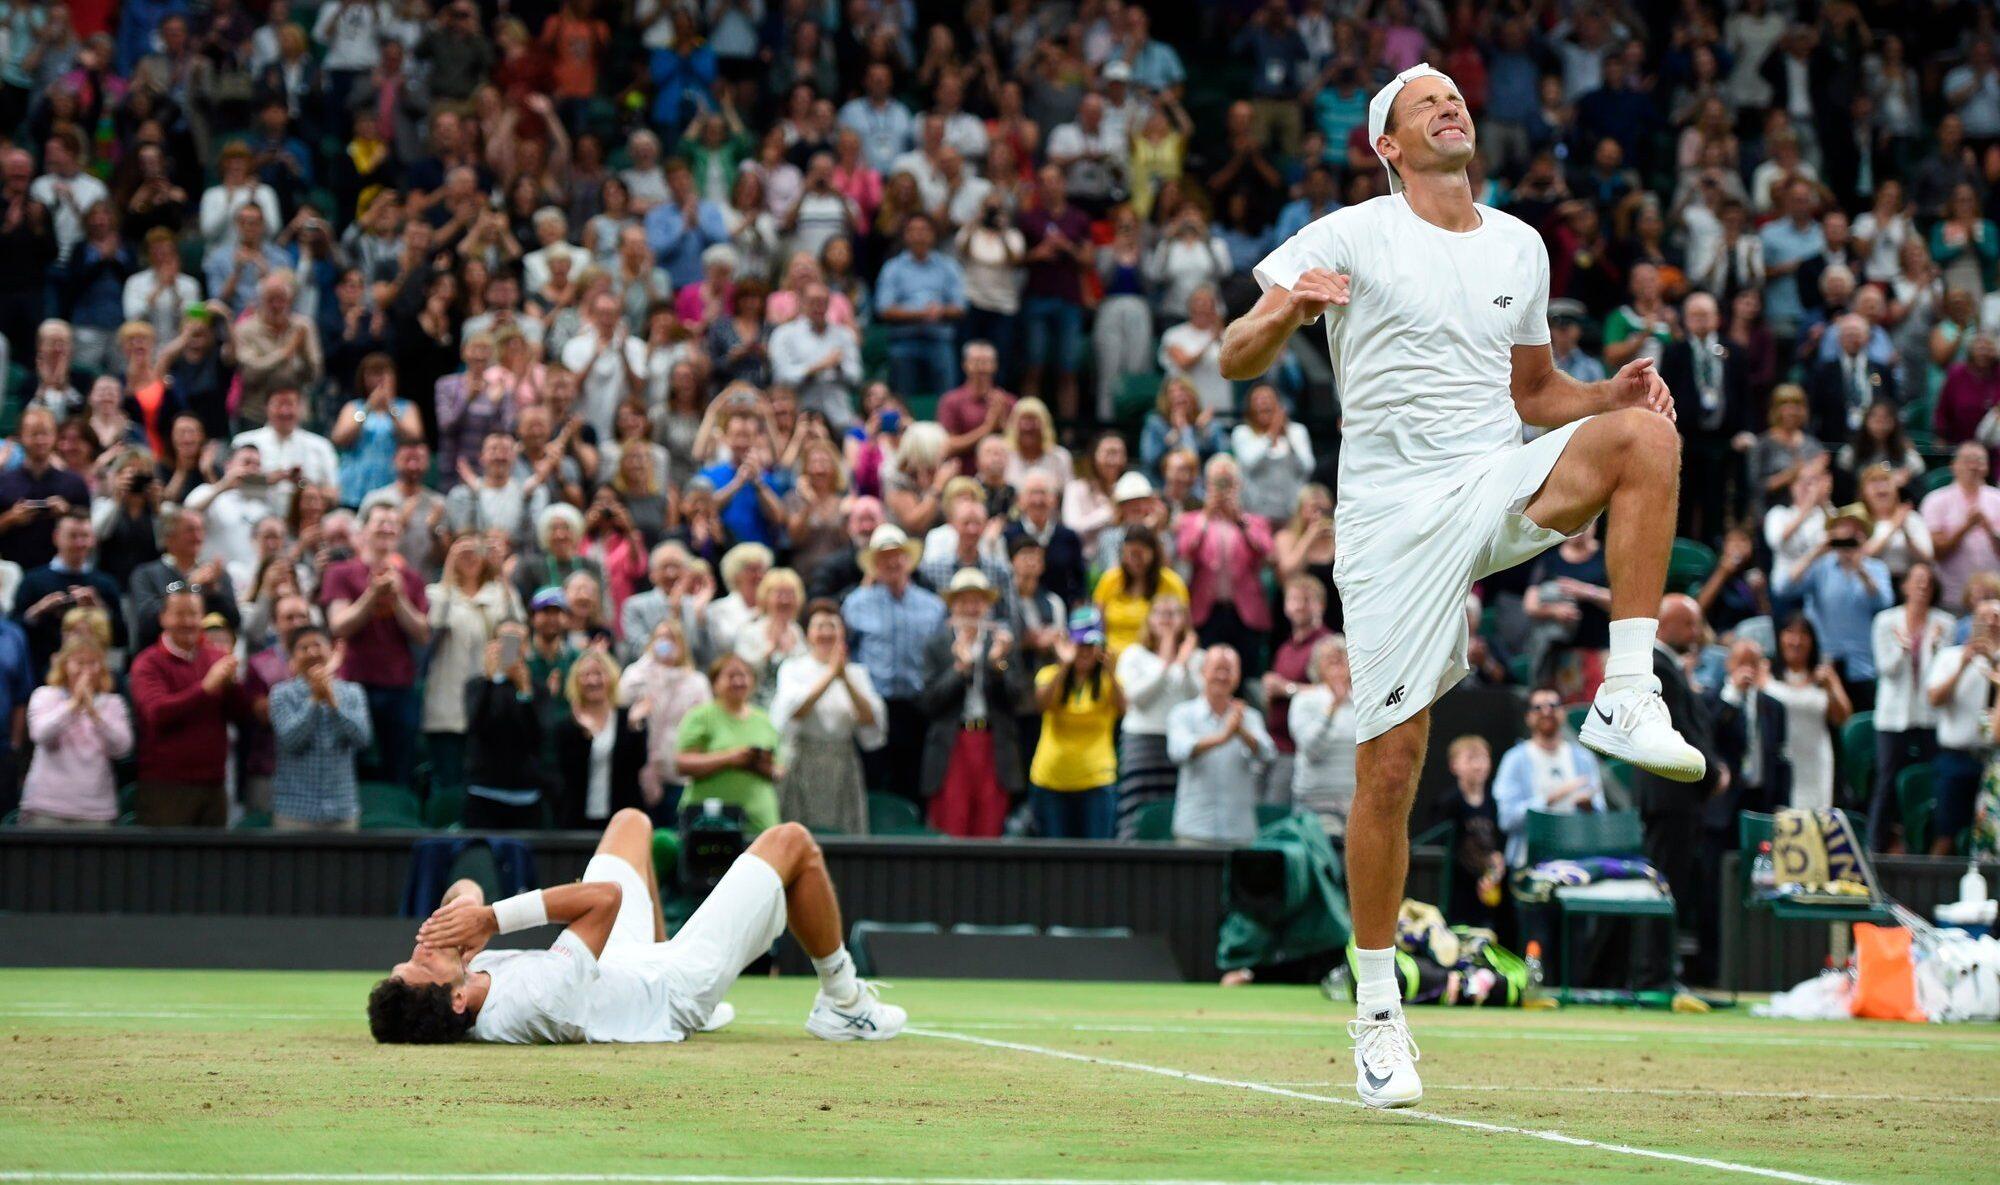 Łukasz Kubot i Marcelo Melo po triumfie w Wimbledonie